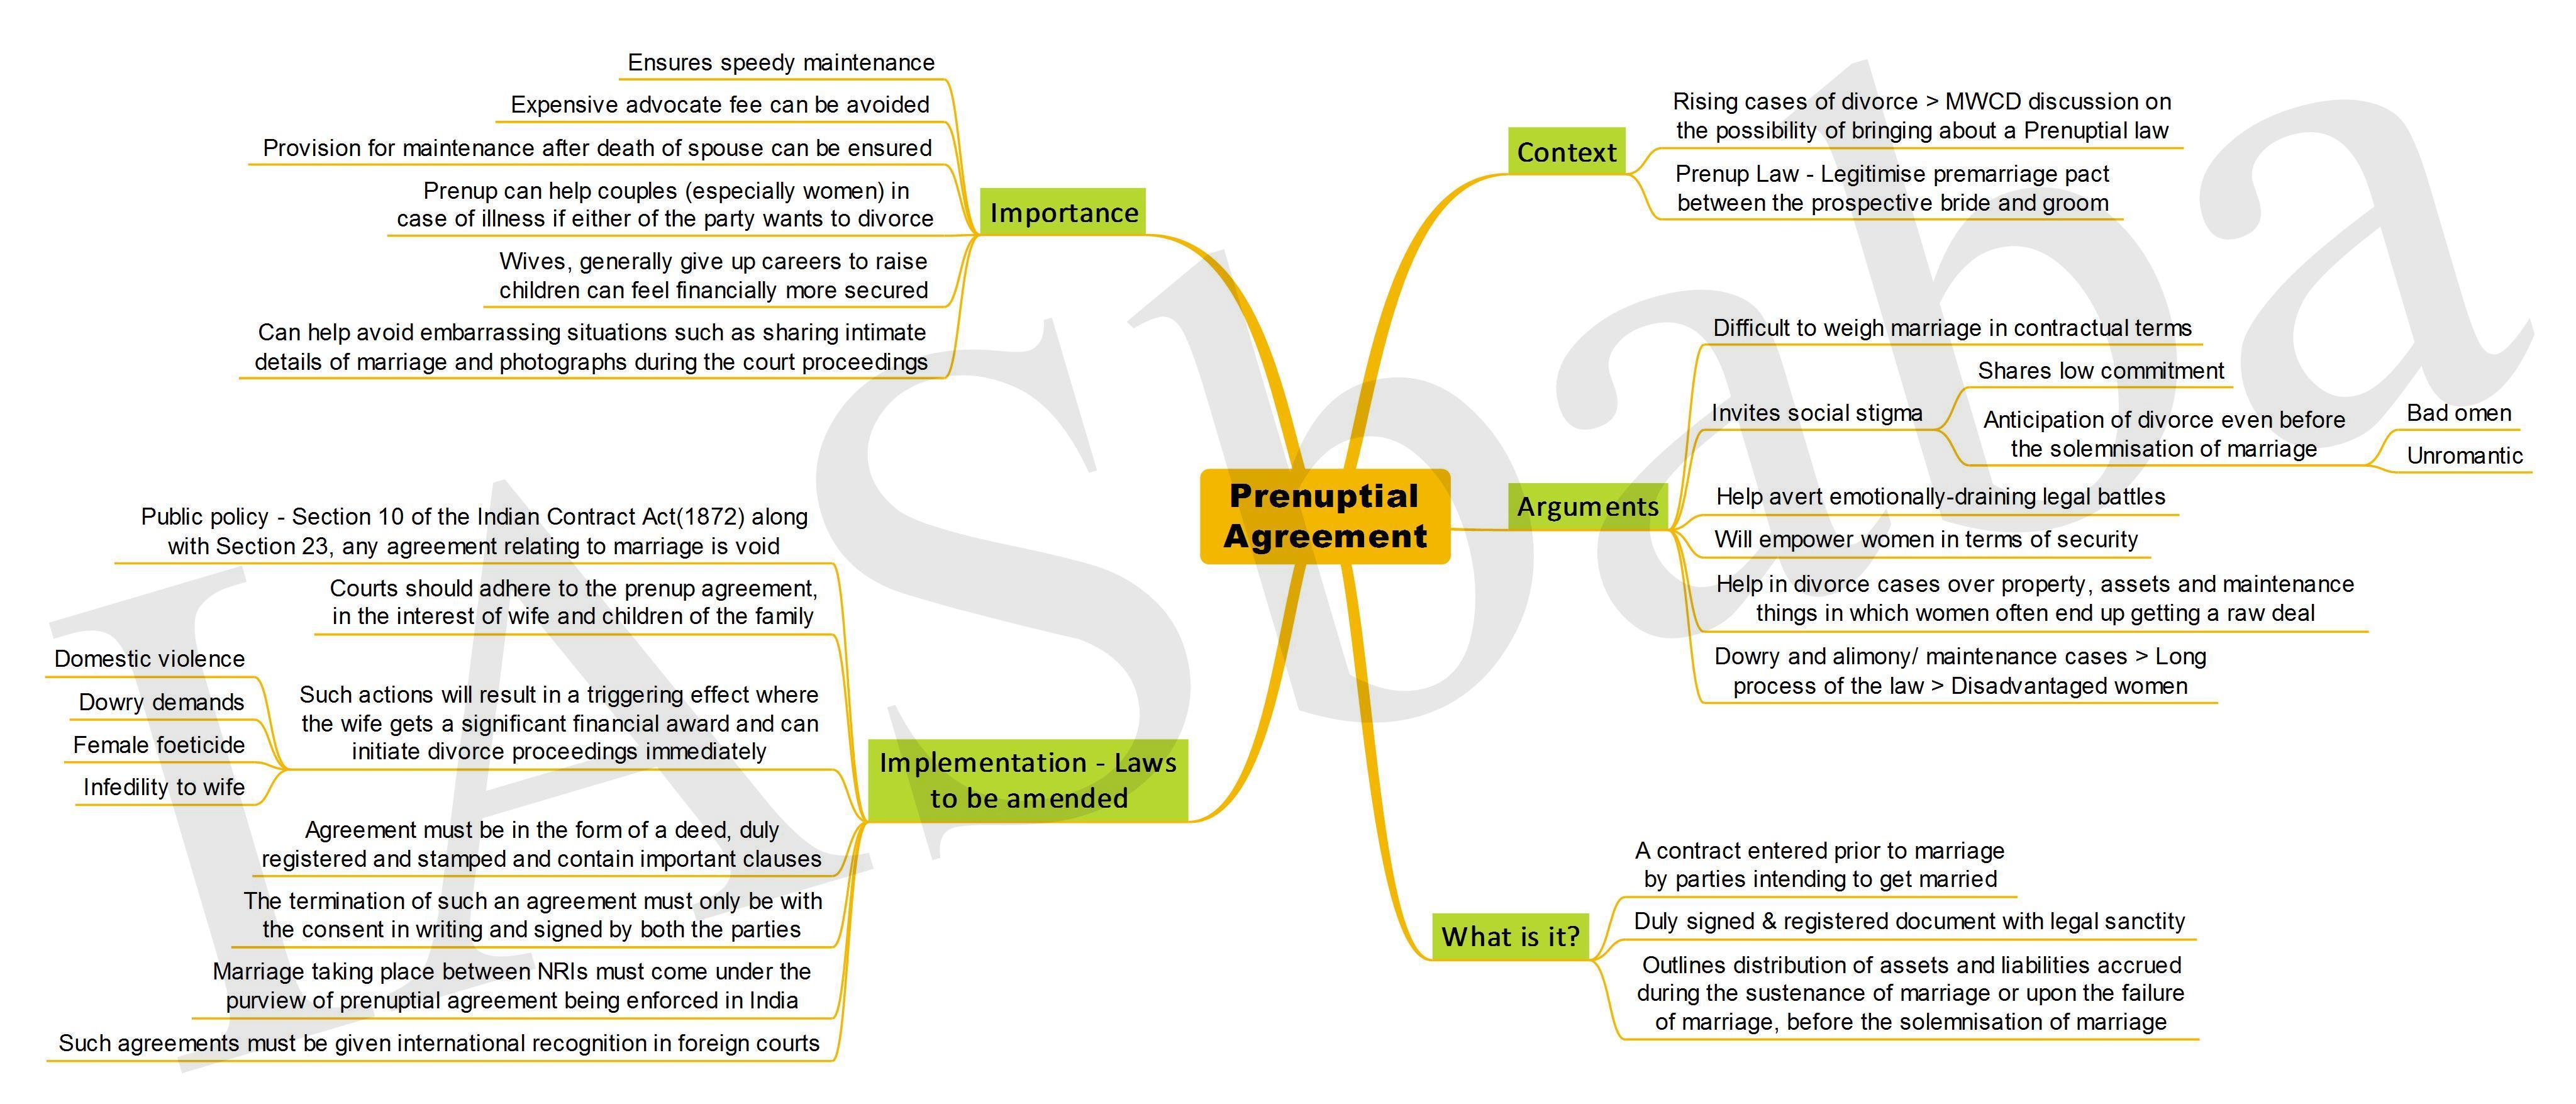 Prenuptial Agreement-IASbaba